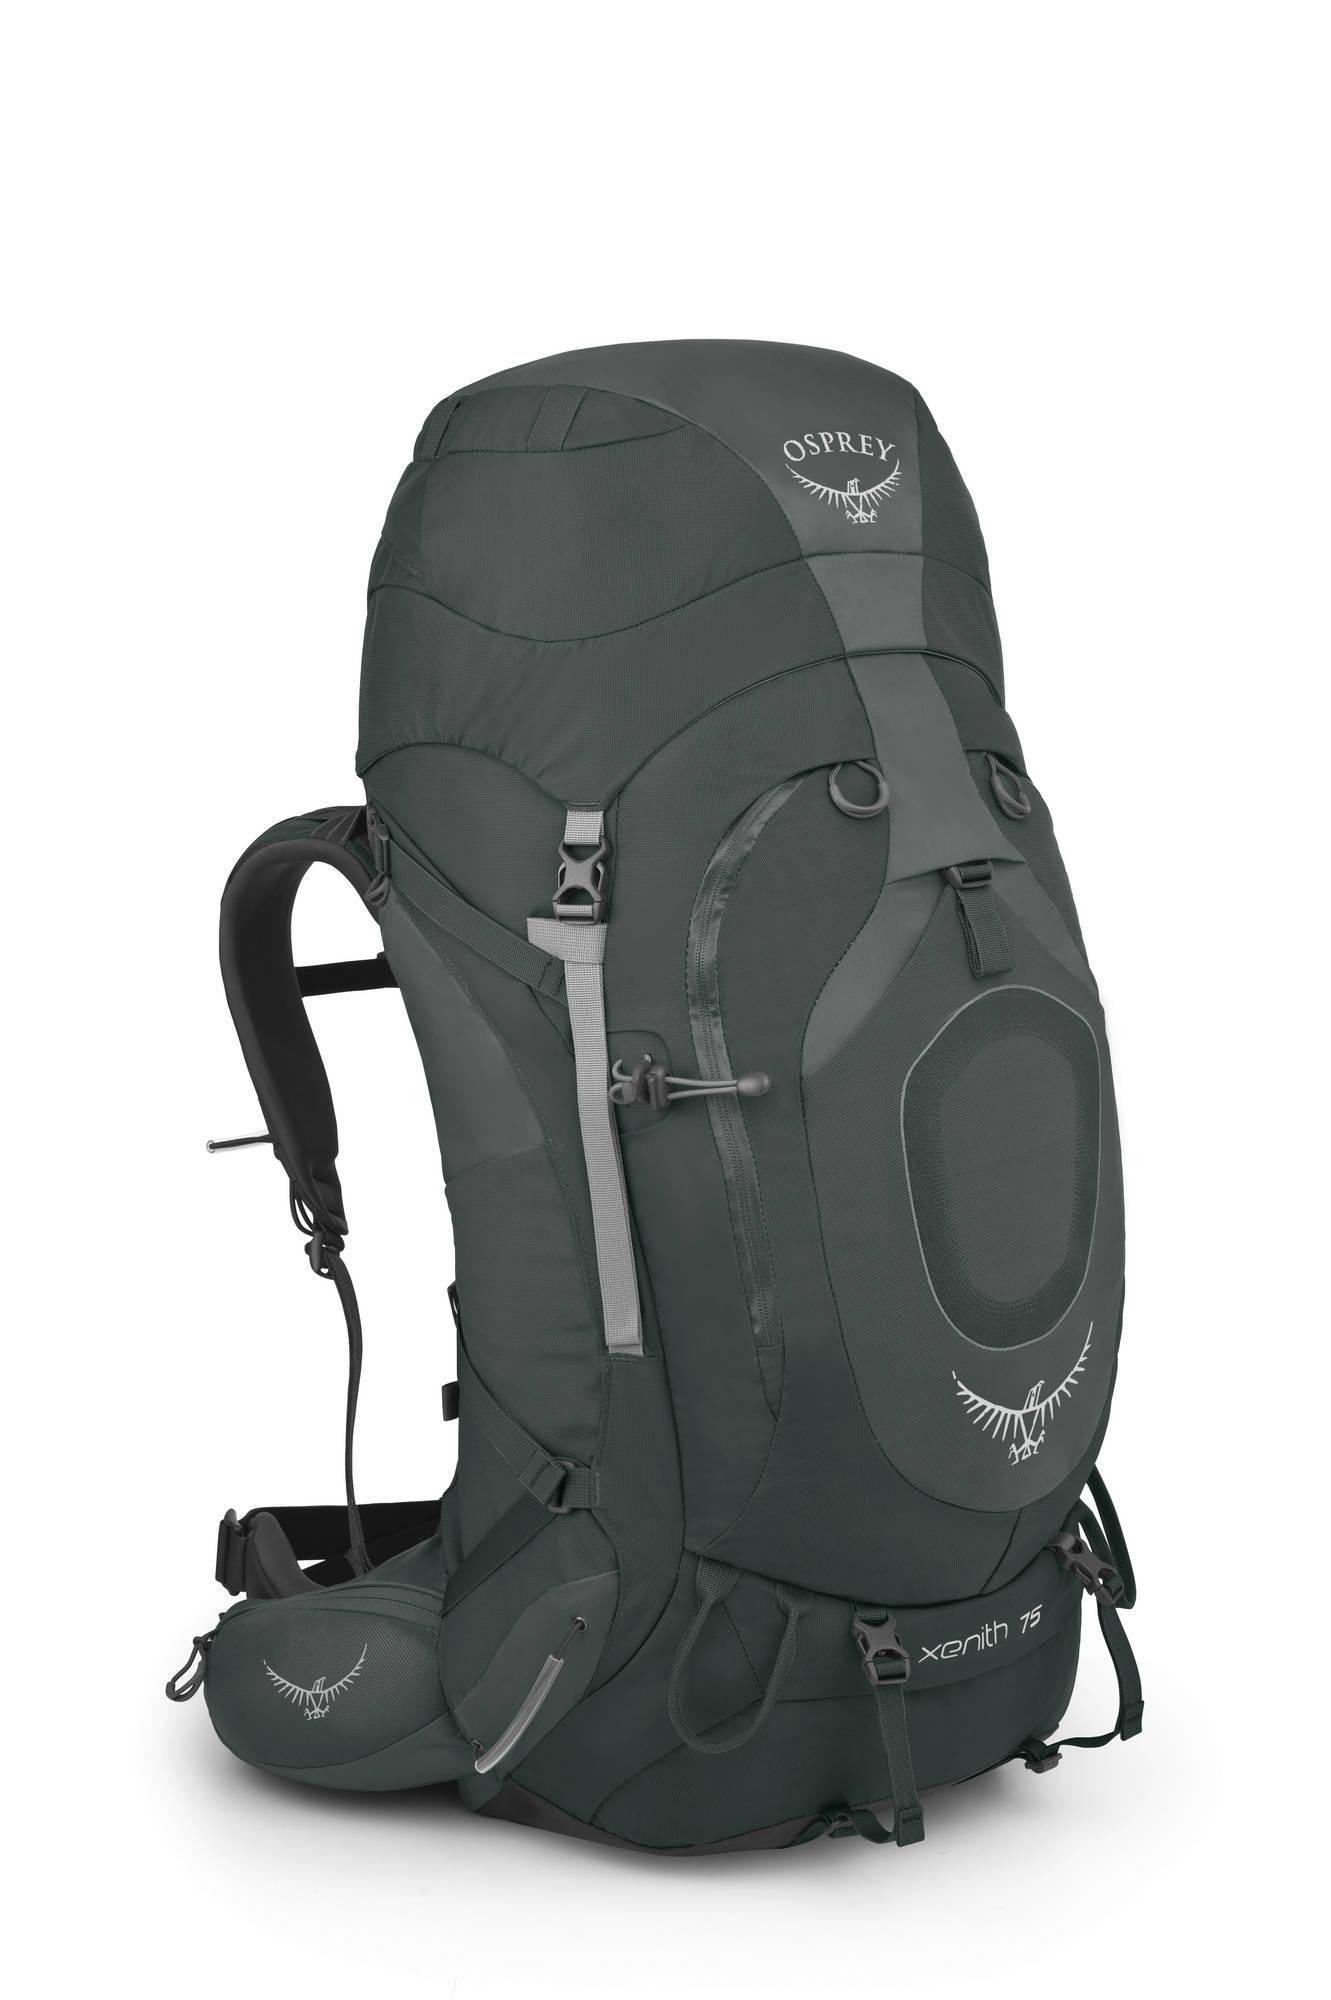 Туристические рюкзаки Рюкзак туристический Osprey Xenith 75 Xenith_75_Side_Graphite_Grey_web.jpg